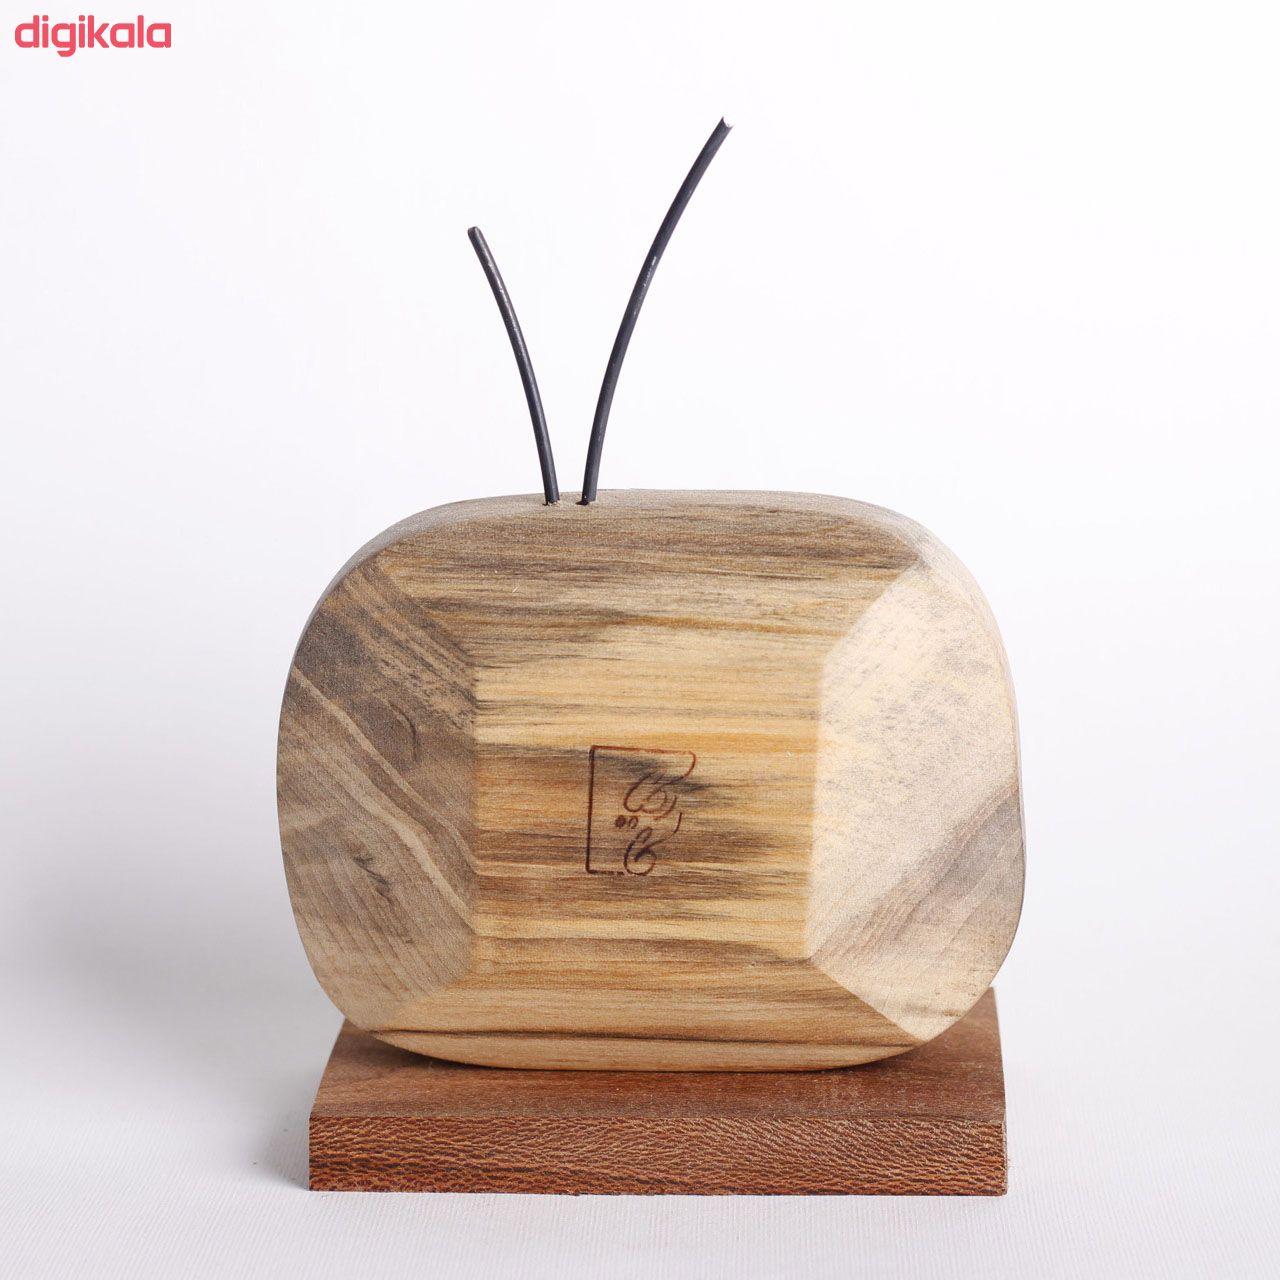 مجسمه چوبی کارکیا طرح تلویزیون کد W22